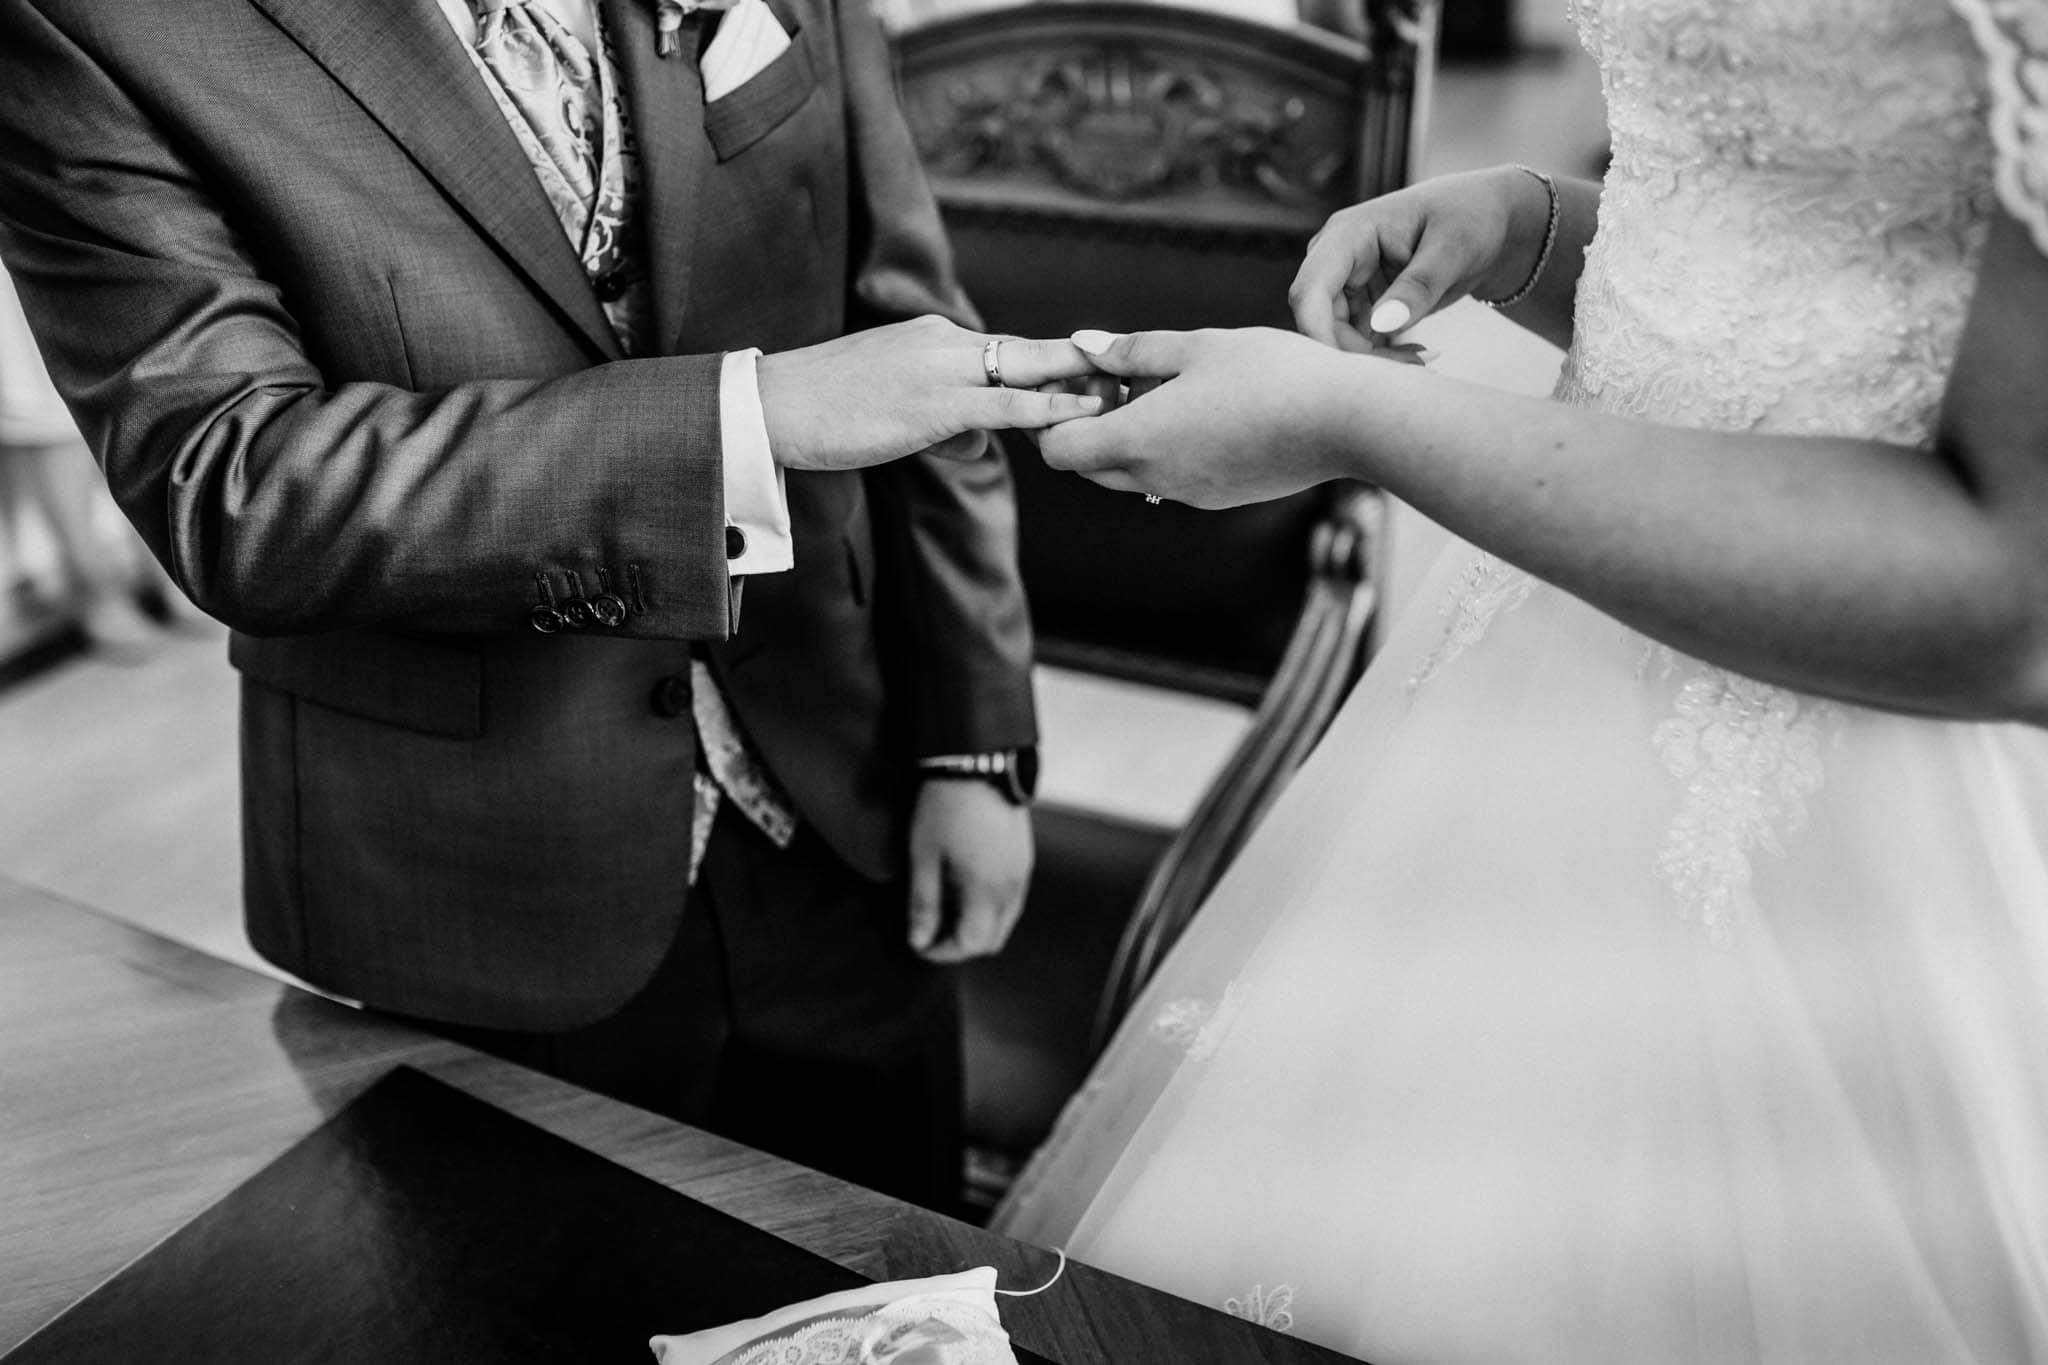 Hochzeitsfieber by Photo-Schomburg, Hochzeitsfotograf, Hamburg, Altona, wedding, Standesamt Altona, Appen, Hochzeitsshooting, Hochzeitstag, Brautpaar-49